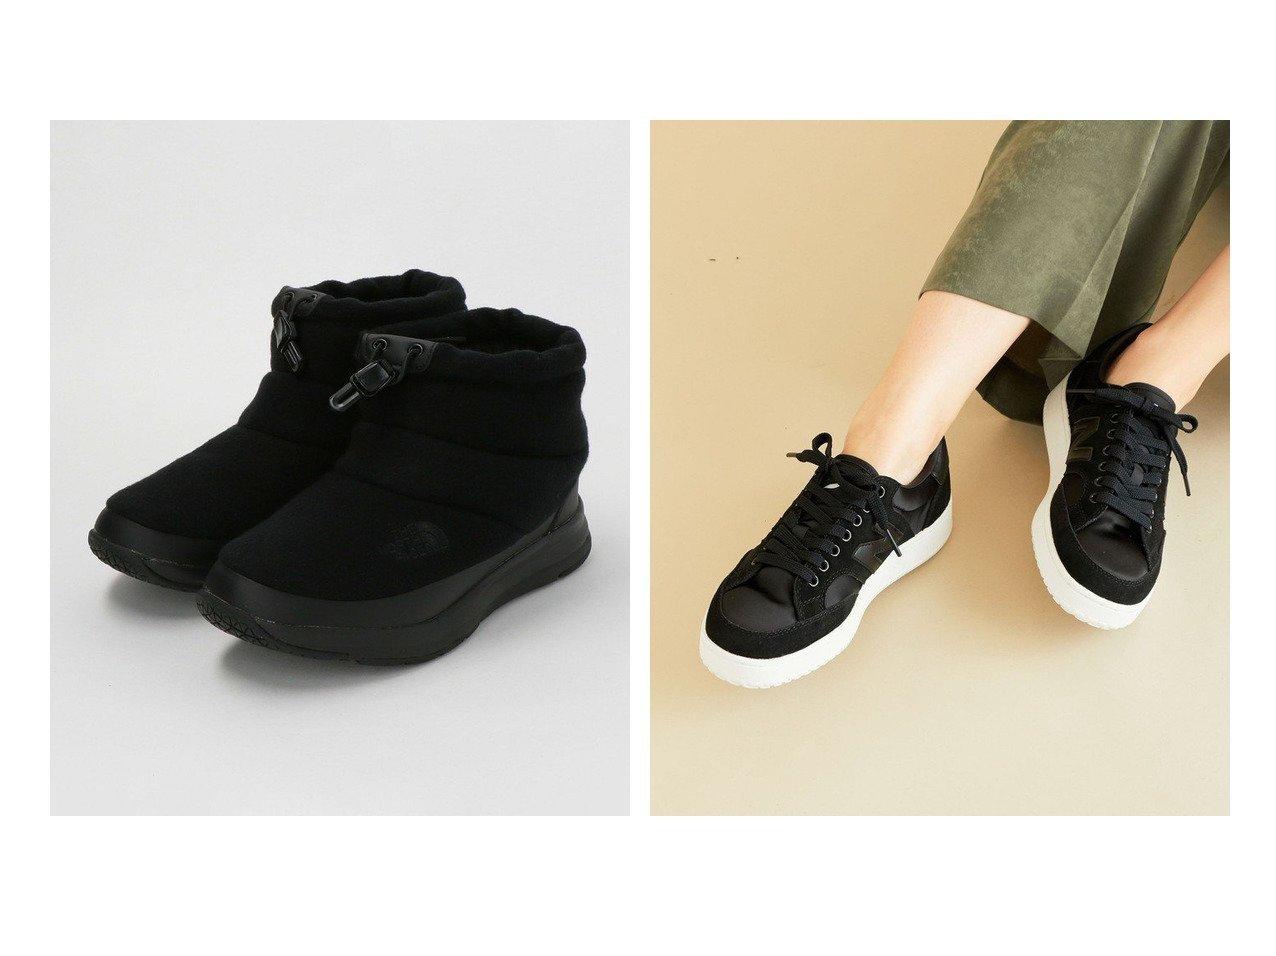 【BEAUTY&YOUTH UNITED ARROWS/ビューティアンド ユースユナイテッドアローズ】の【国内exclusive】スニーカー&ヌプシ トラクションライト ウォータープルーフ ミニブーツ シューズ・靴のおすすめ!人気トレンド・レディースファッションの通販 おすすめで人気の流行・トレンド、ファッションの通販商品 メンズファッション・キッズファッション・インテリア・家具・レディースファッション・服の通販 founy(ファニー) https://founy.com/ ファッション Fashion レディースファッション WOMEN アウトドア ウォーター 軽量 シューズ スニーカー 人気 バランス ベスト ライニング ラバー コンビ シンプル スエード フォルム ベーシック ボストン メッシュ |ID:crp329100000008547